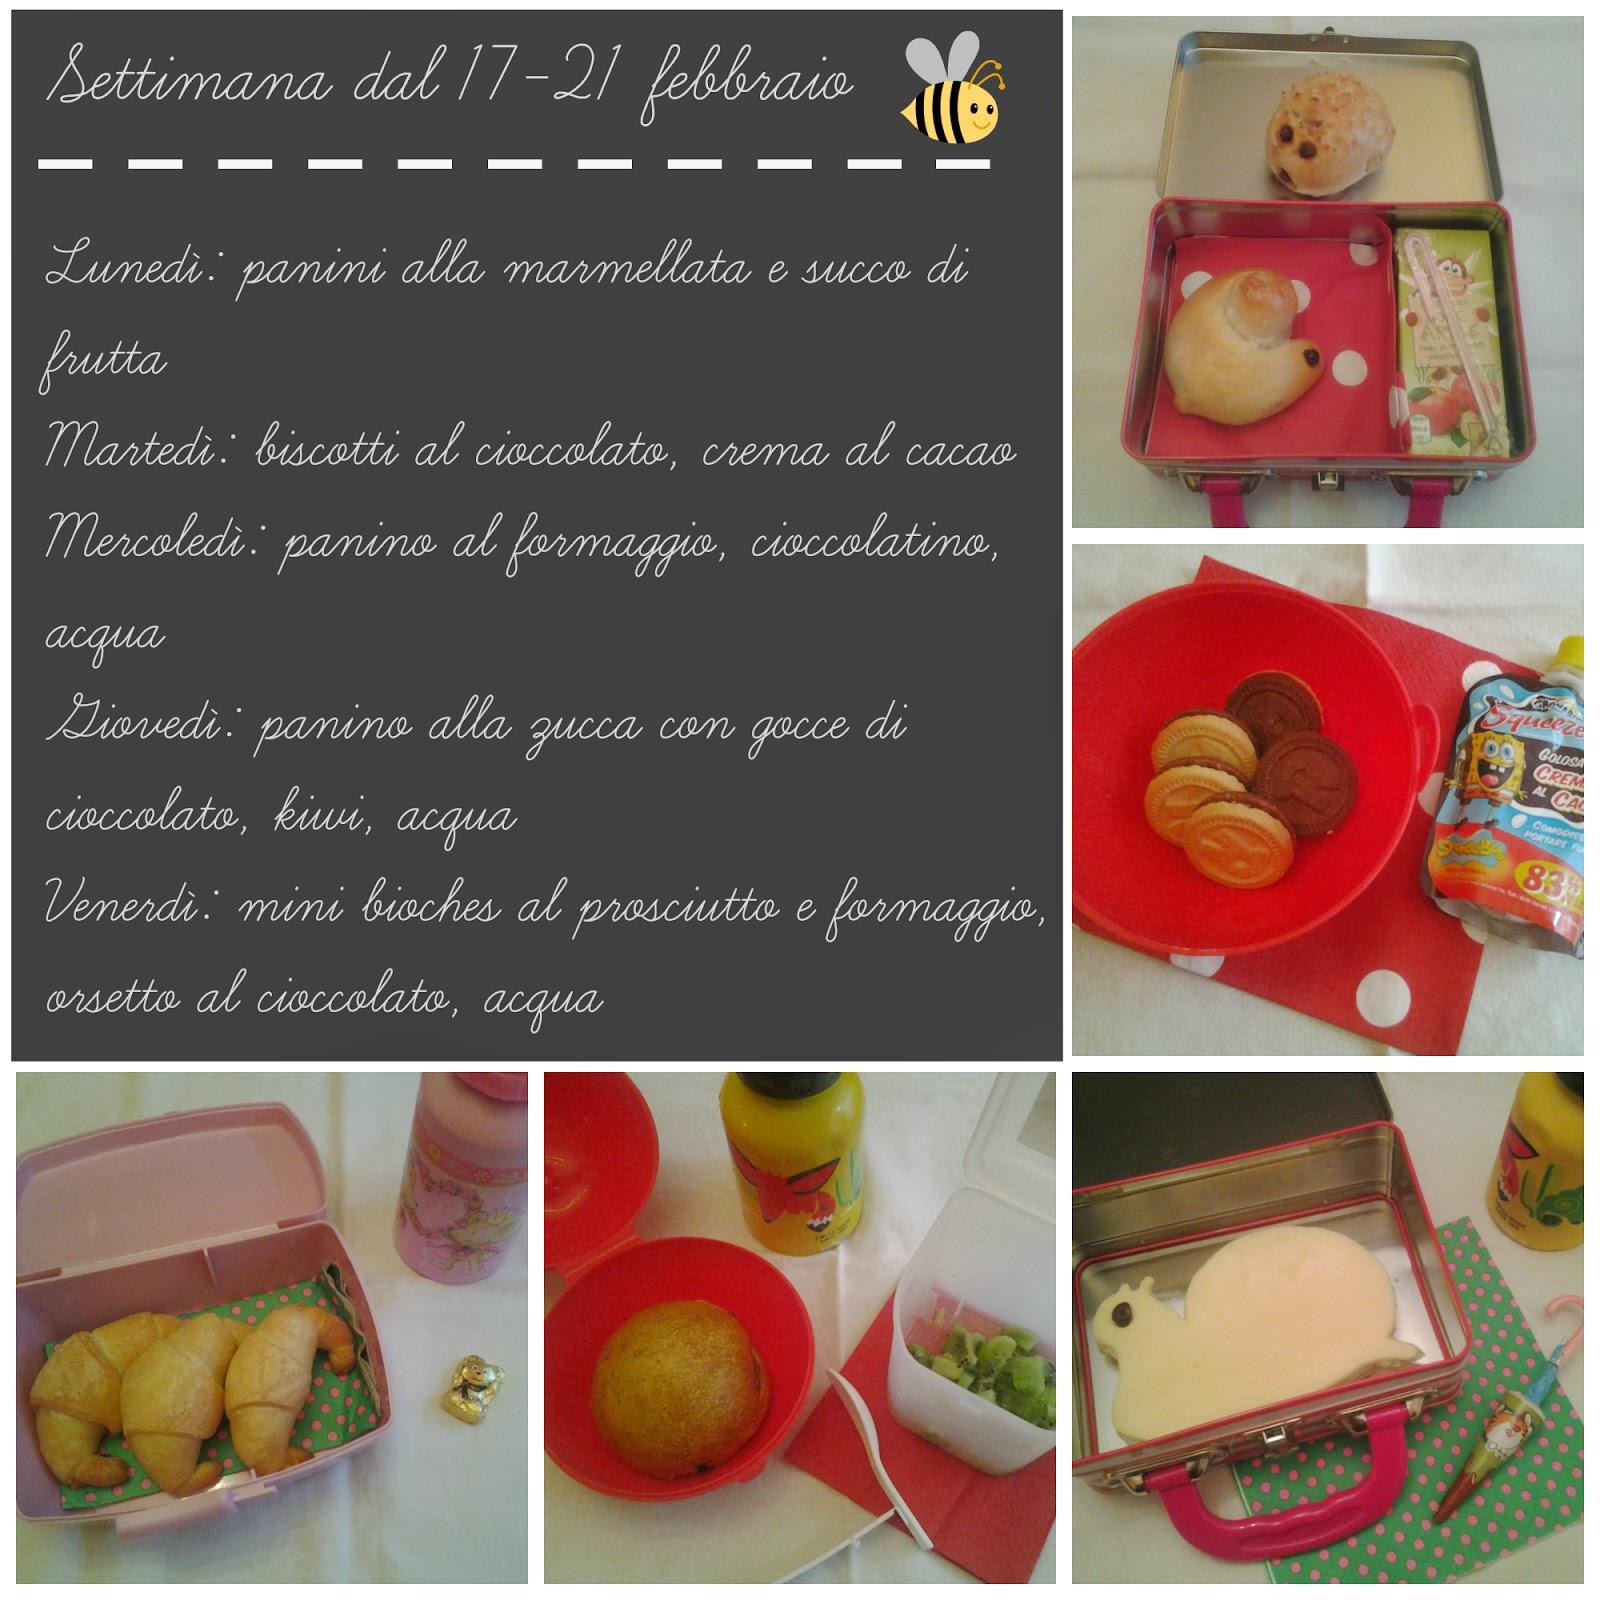 http://www.colazionialetto.com/2014/02/lemerendedicamilla-dal-17-21-febbraio.html